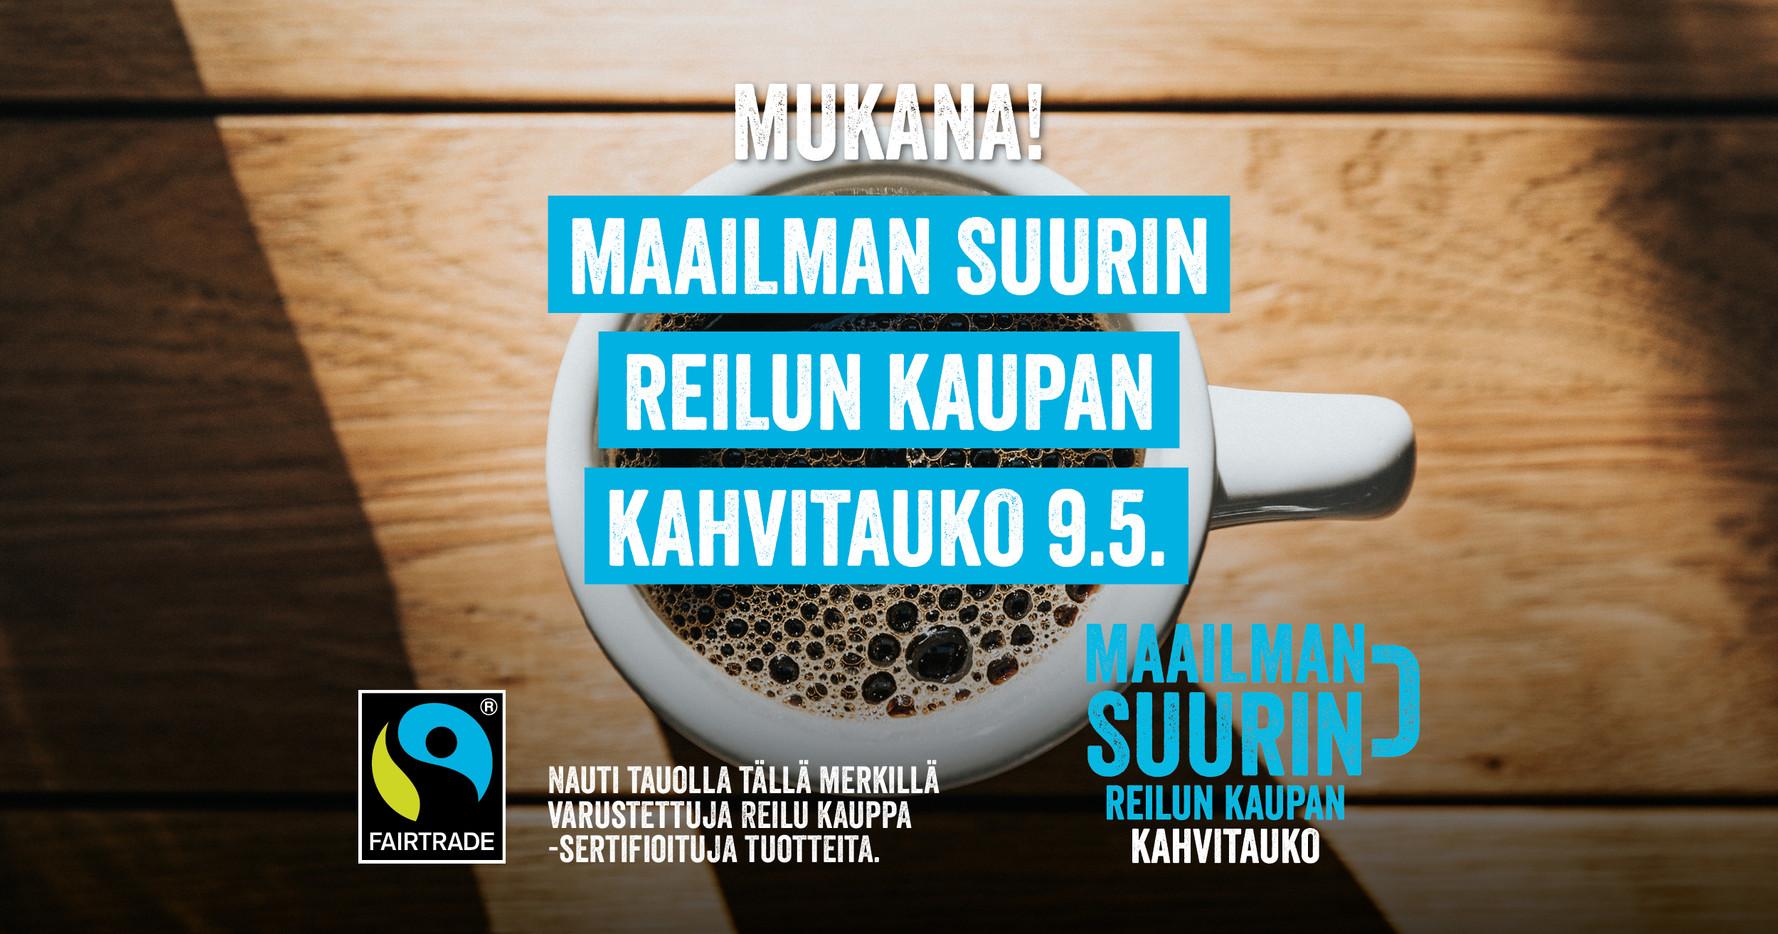 Maailman suurin Reilun kaupan kahvitauko